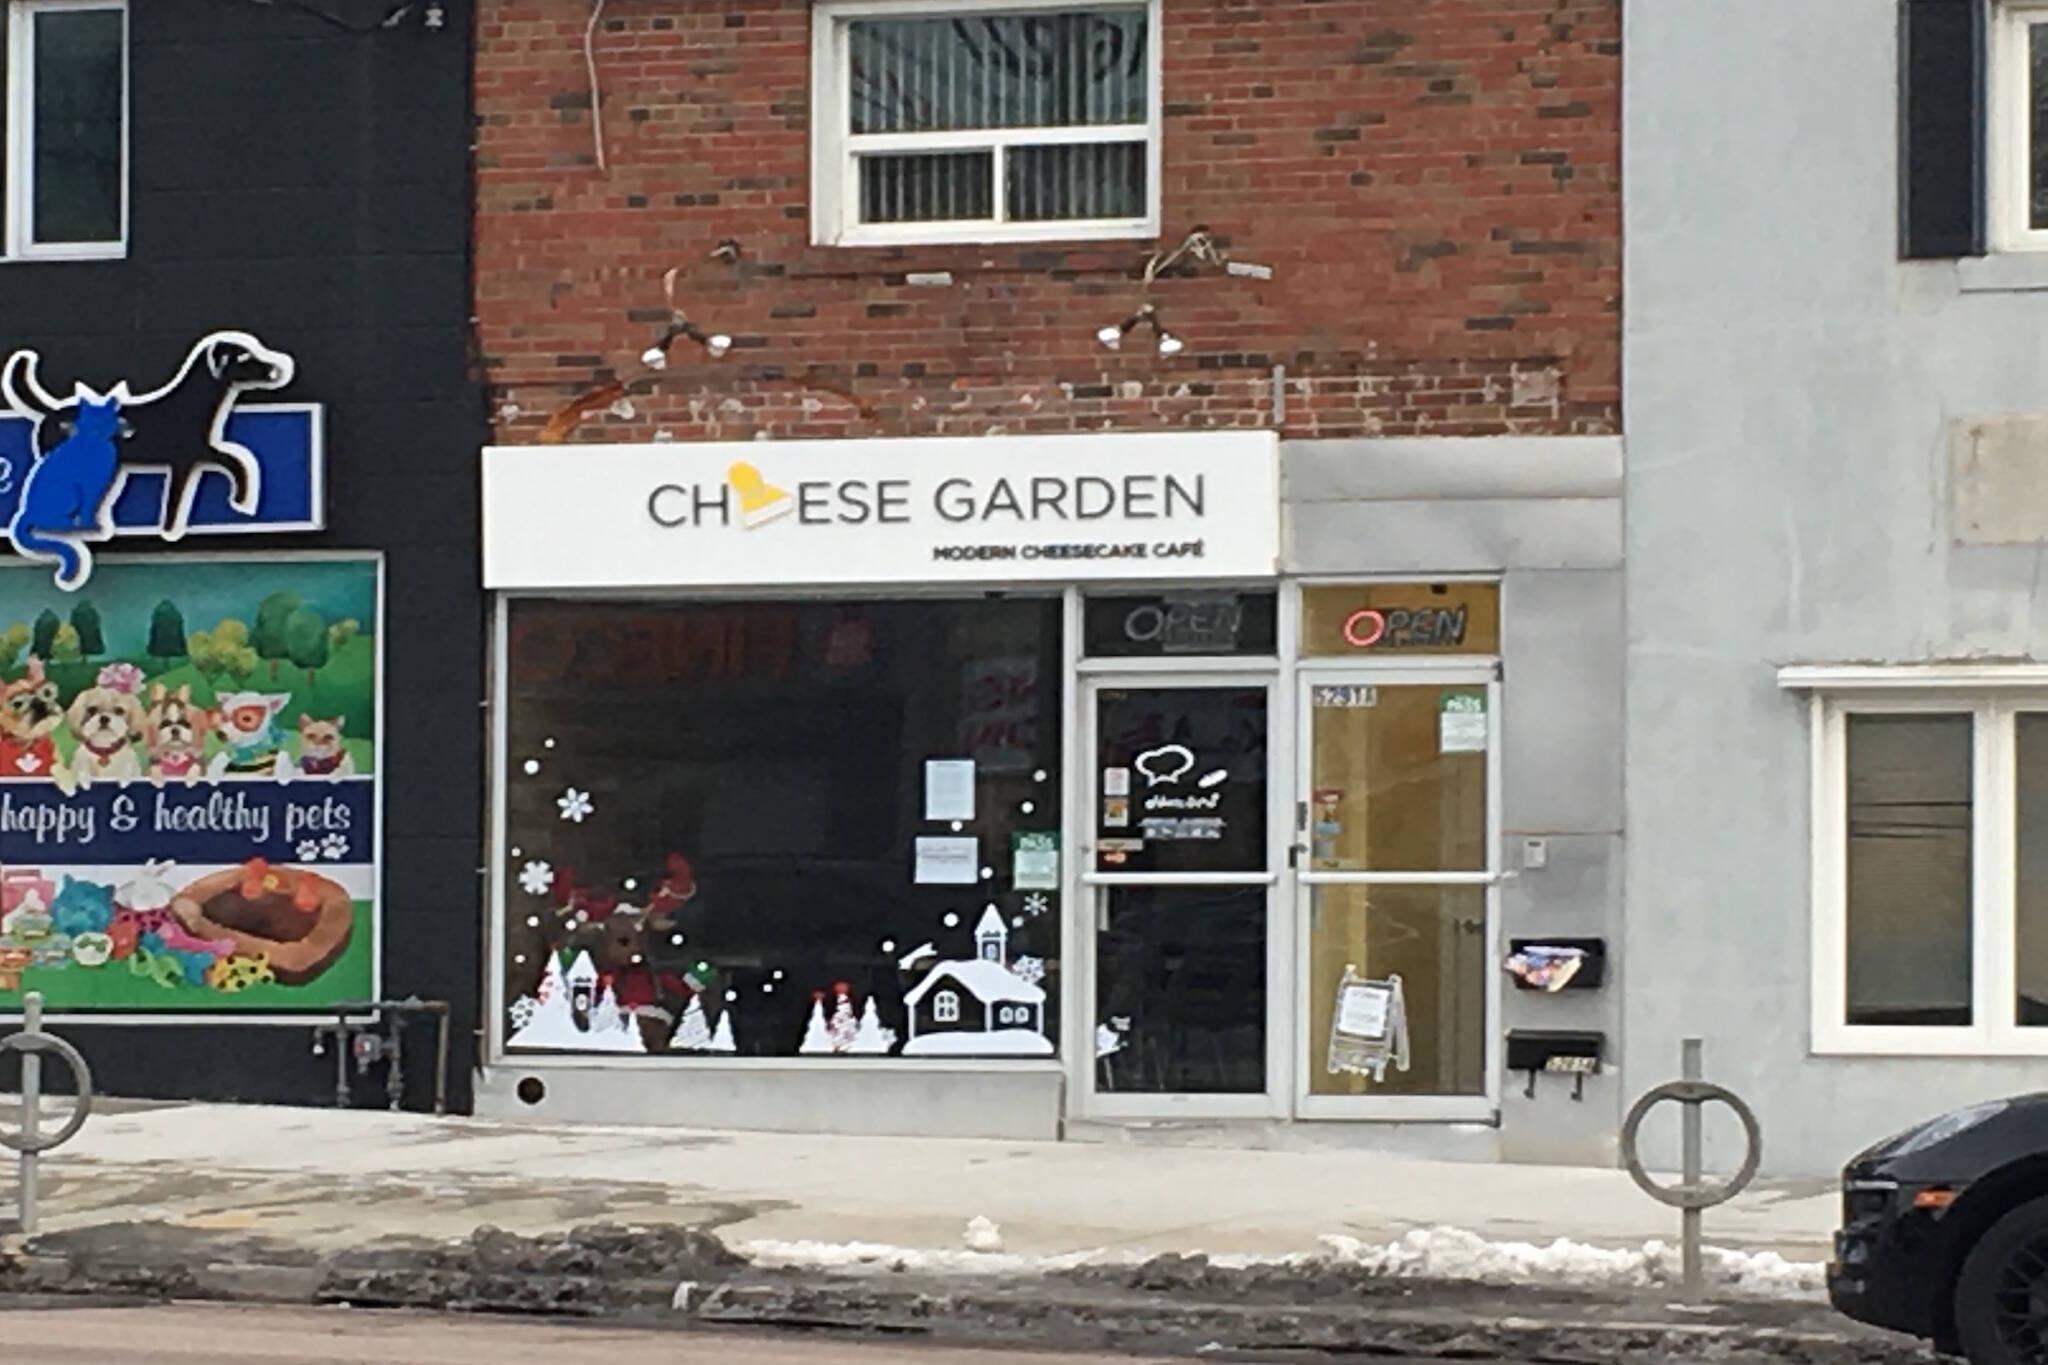 Cheese Garden Toronto